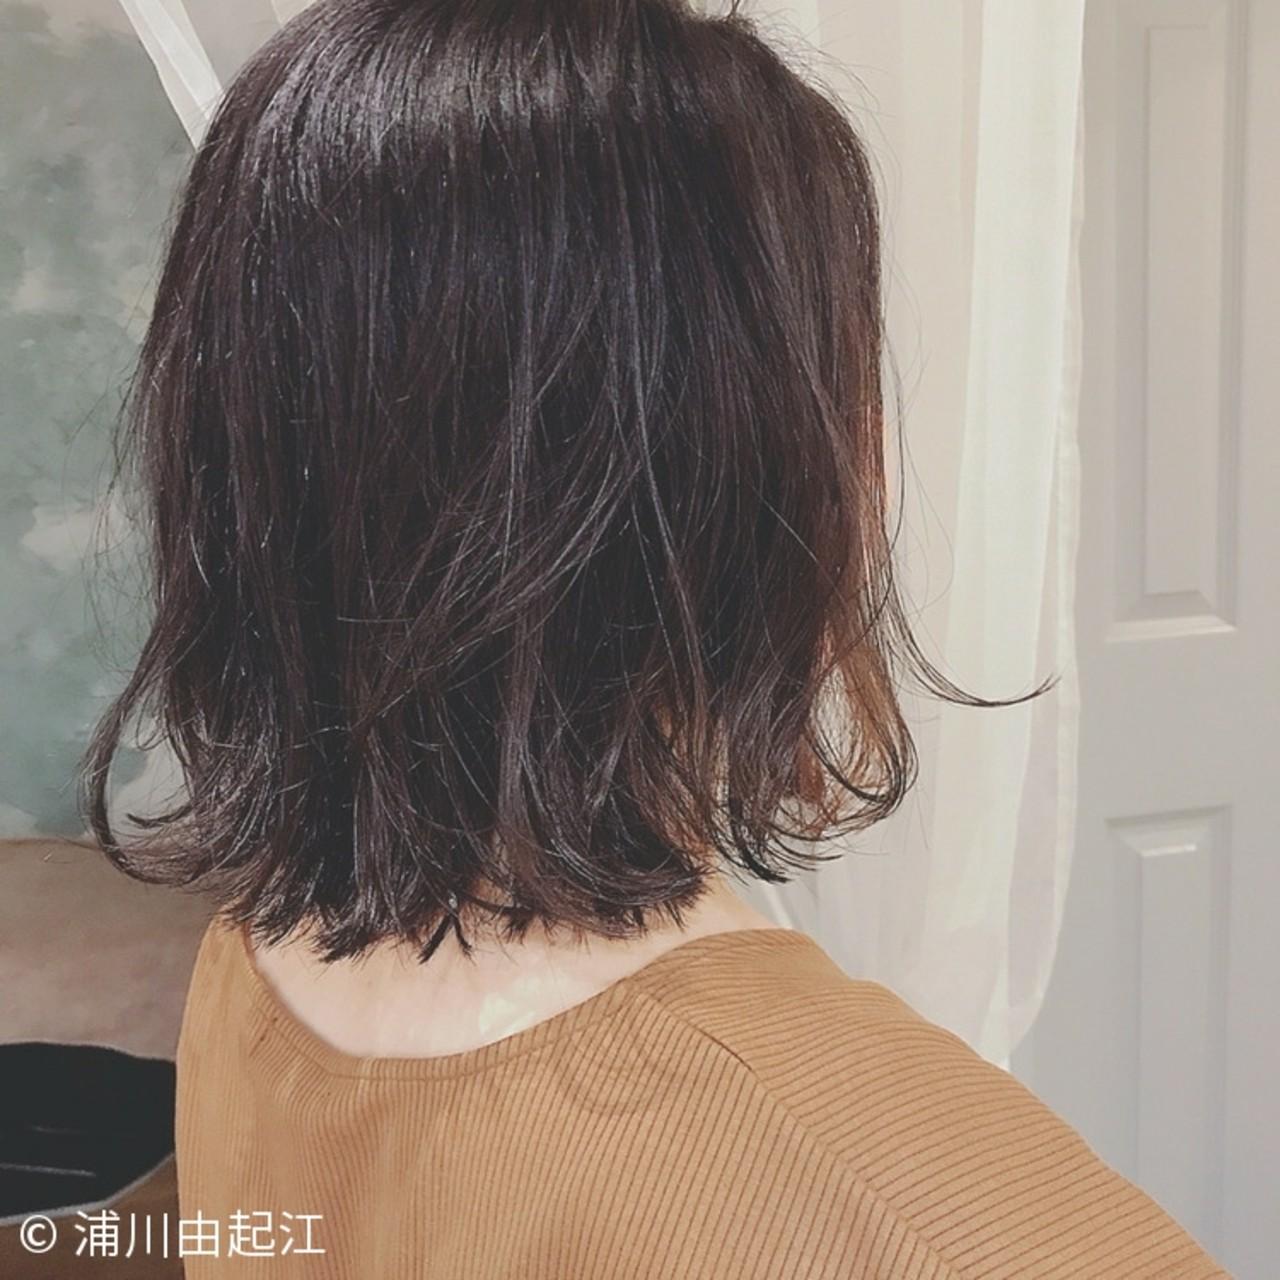 ゆるふわ 大人かわいい オフィス ナチュラル ヘアスタイルや髪型の写真・画像 | 浦川由起江 / nanon